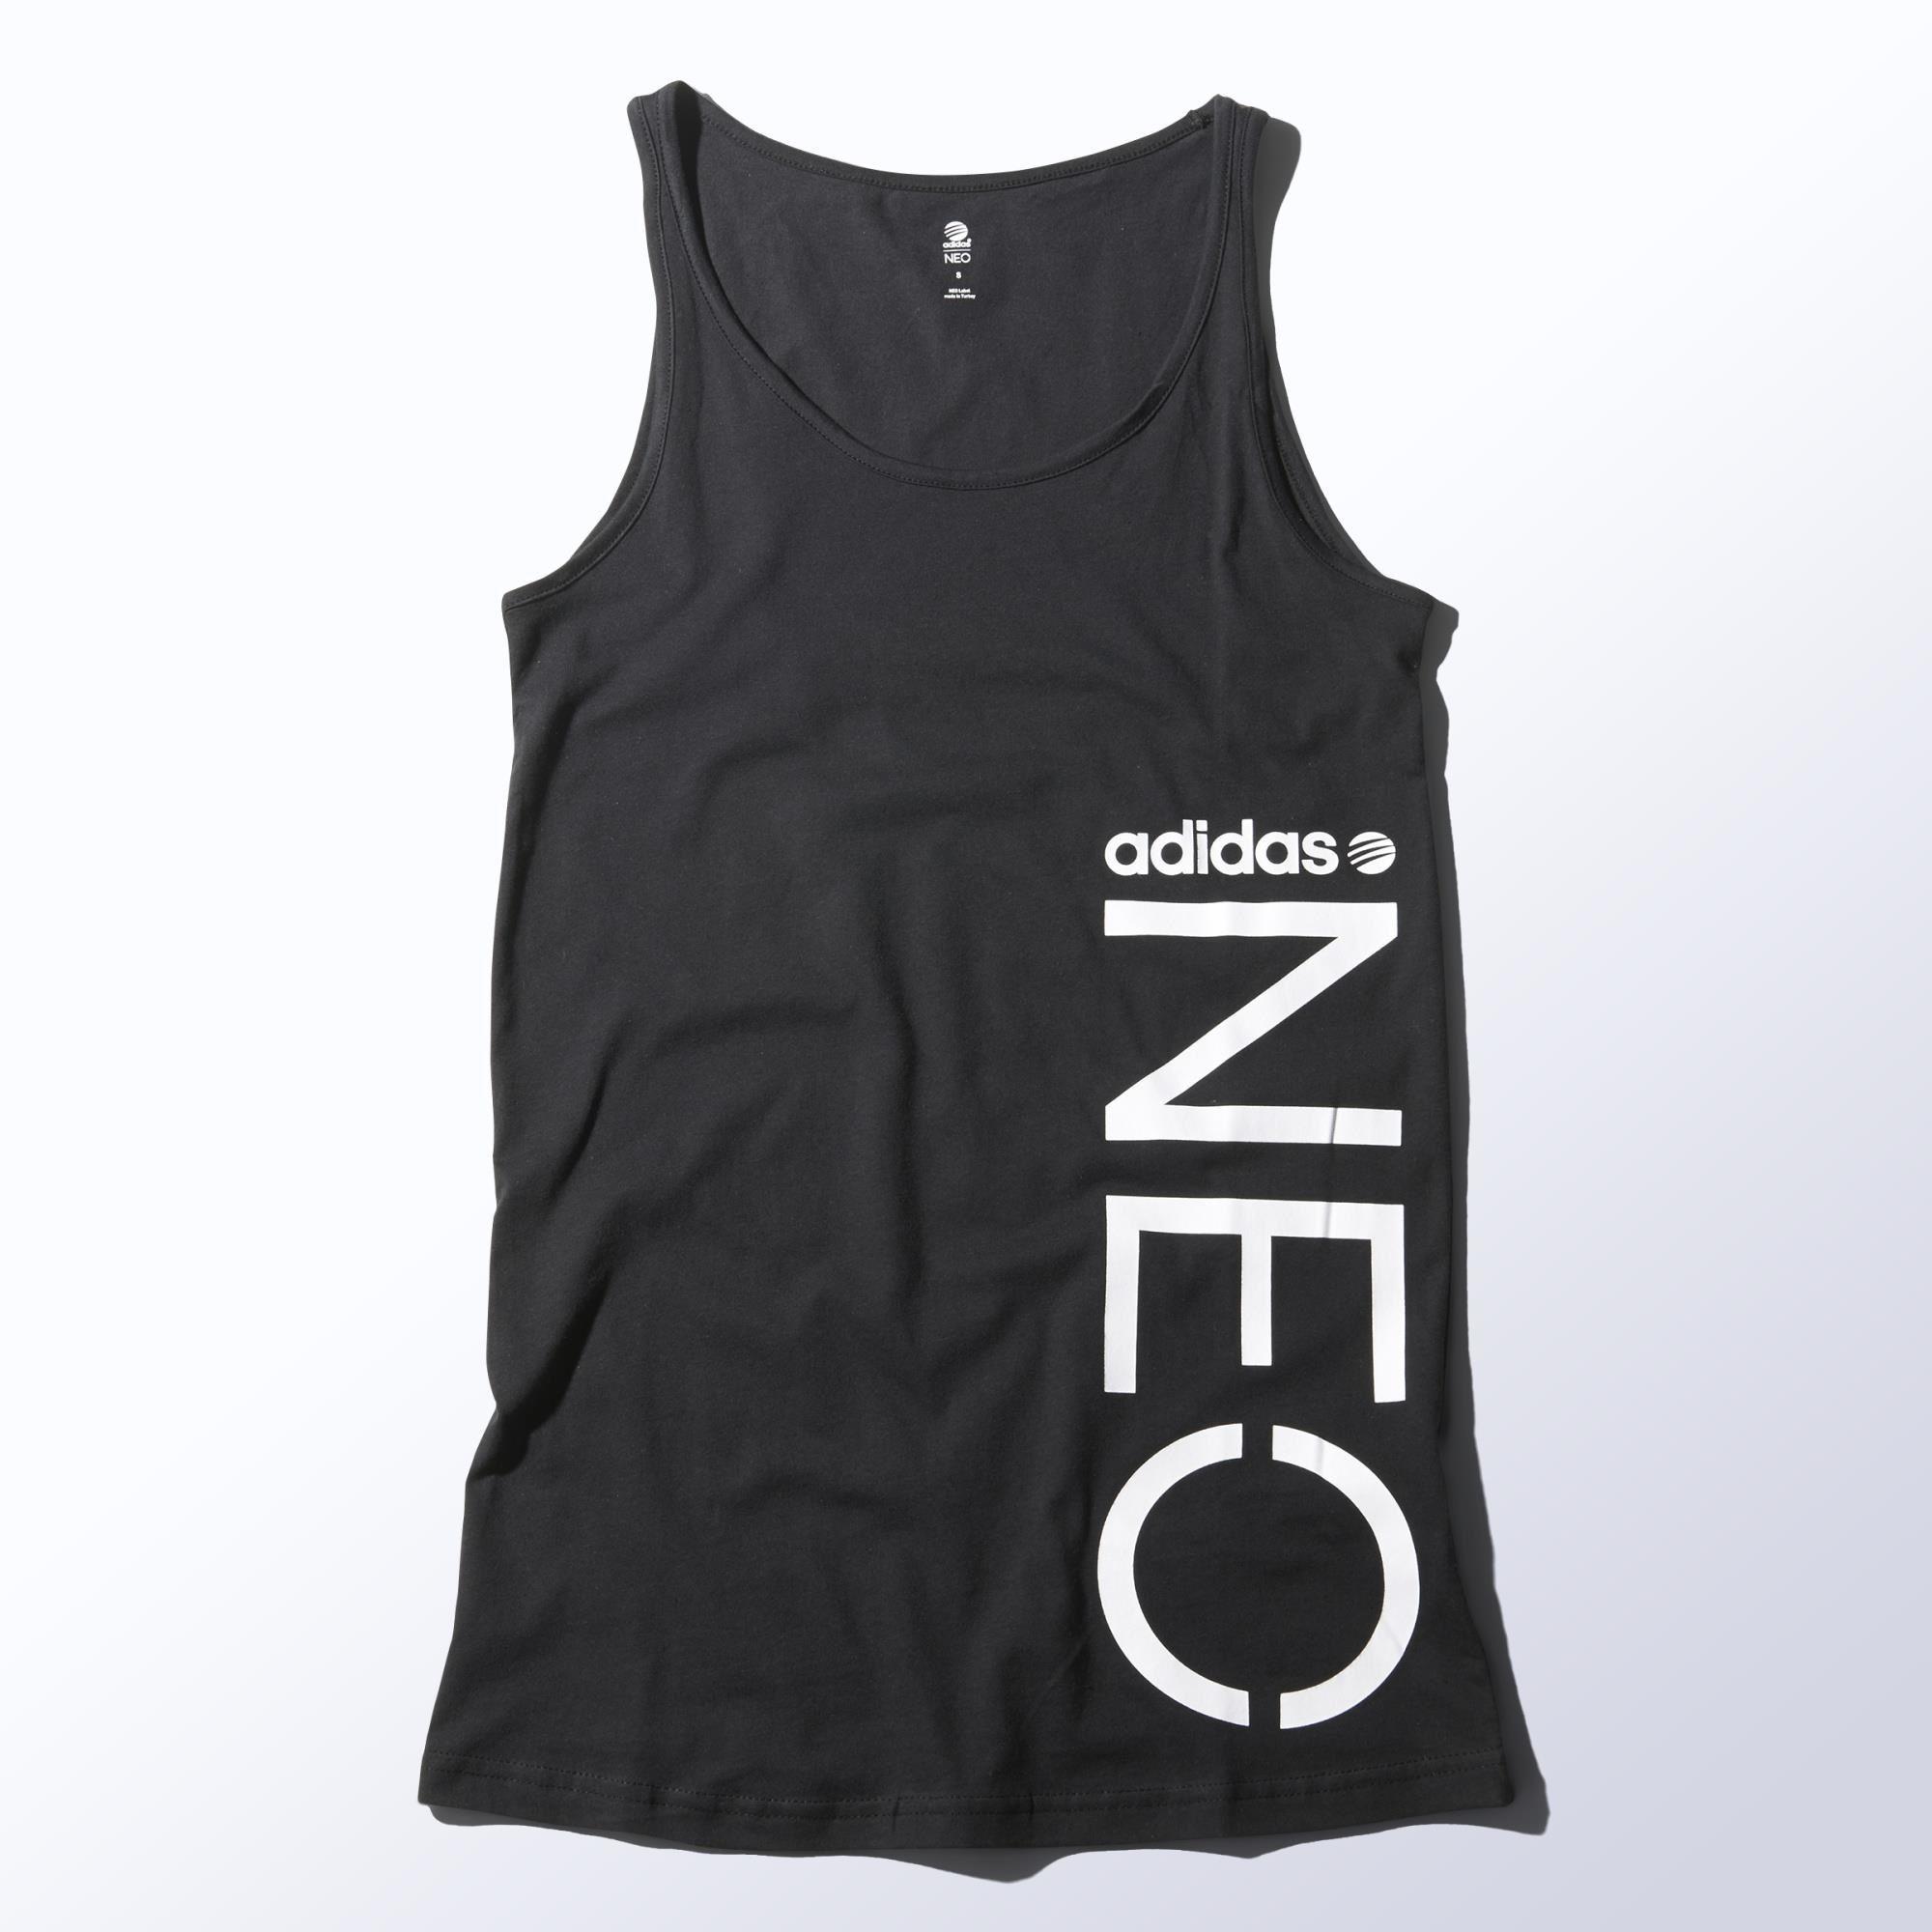 adidas Long Logo Tank Top Tops, Athletic tank tops